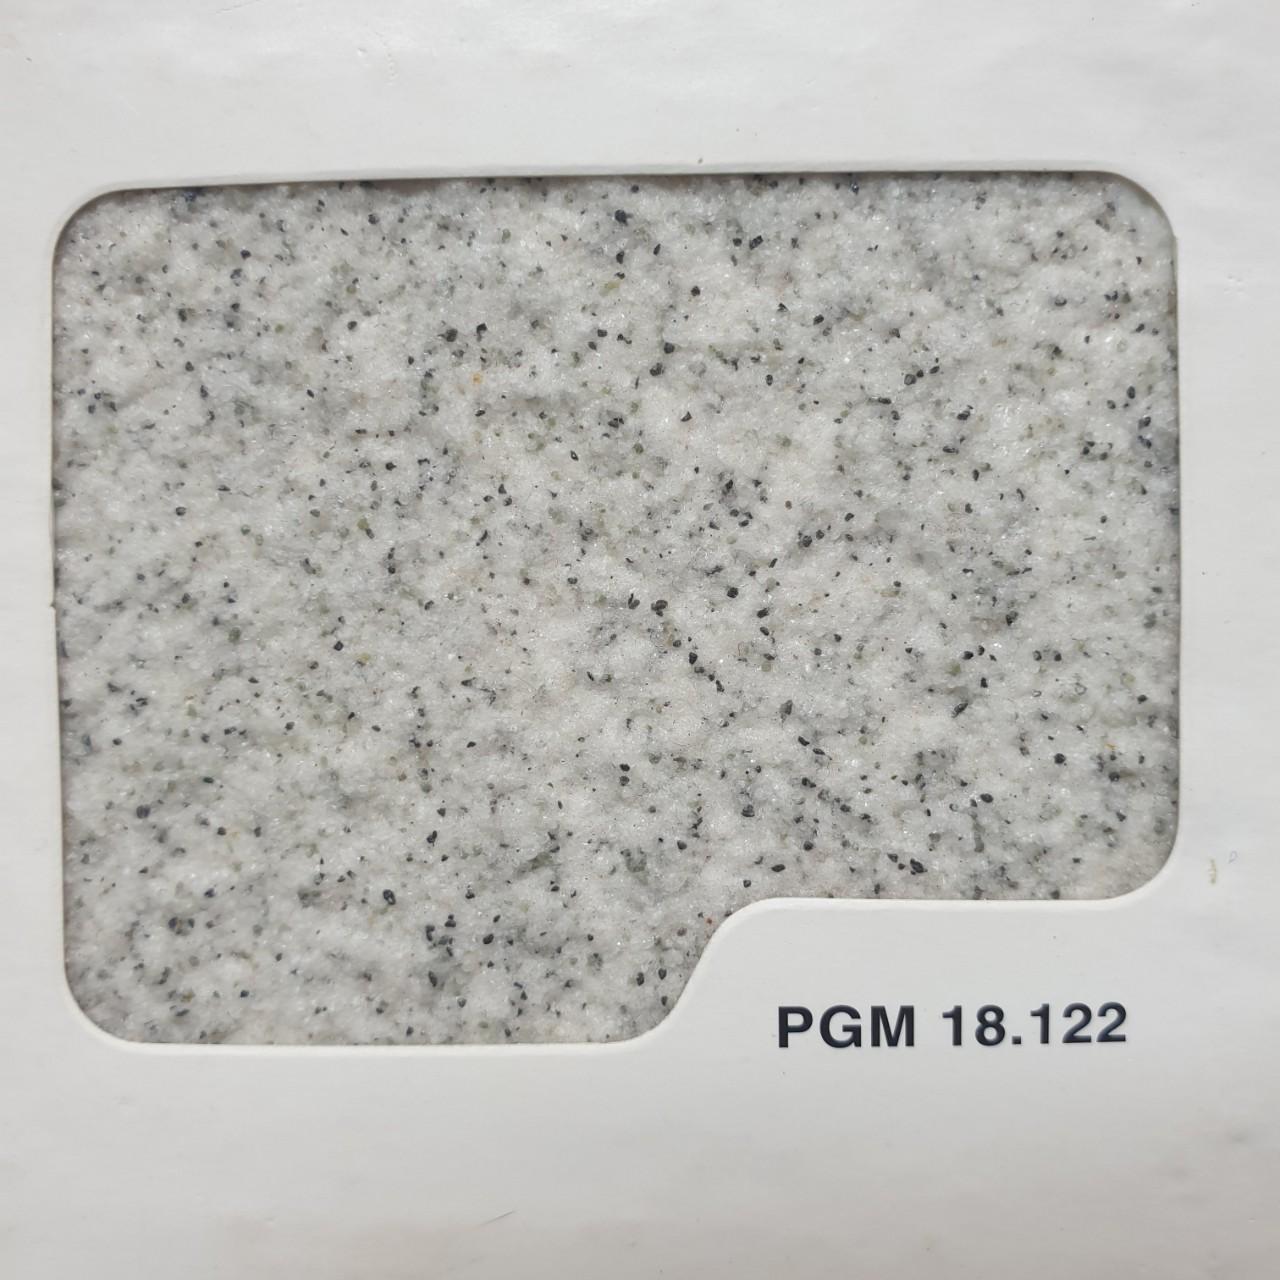 PGM 12.122